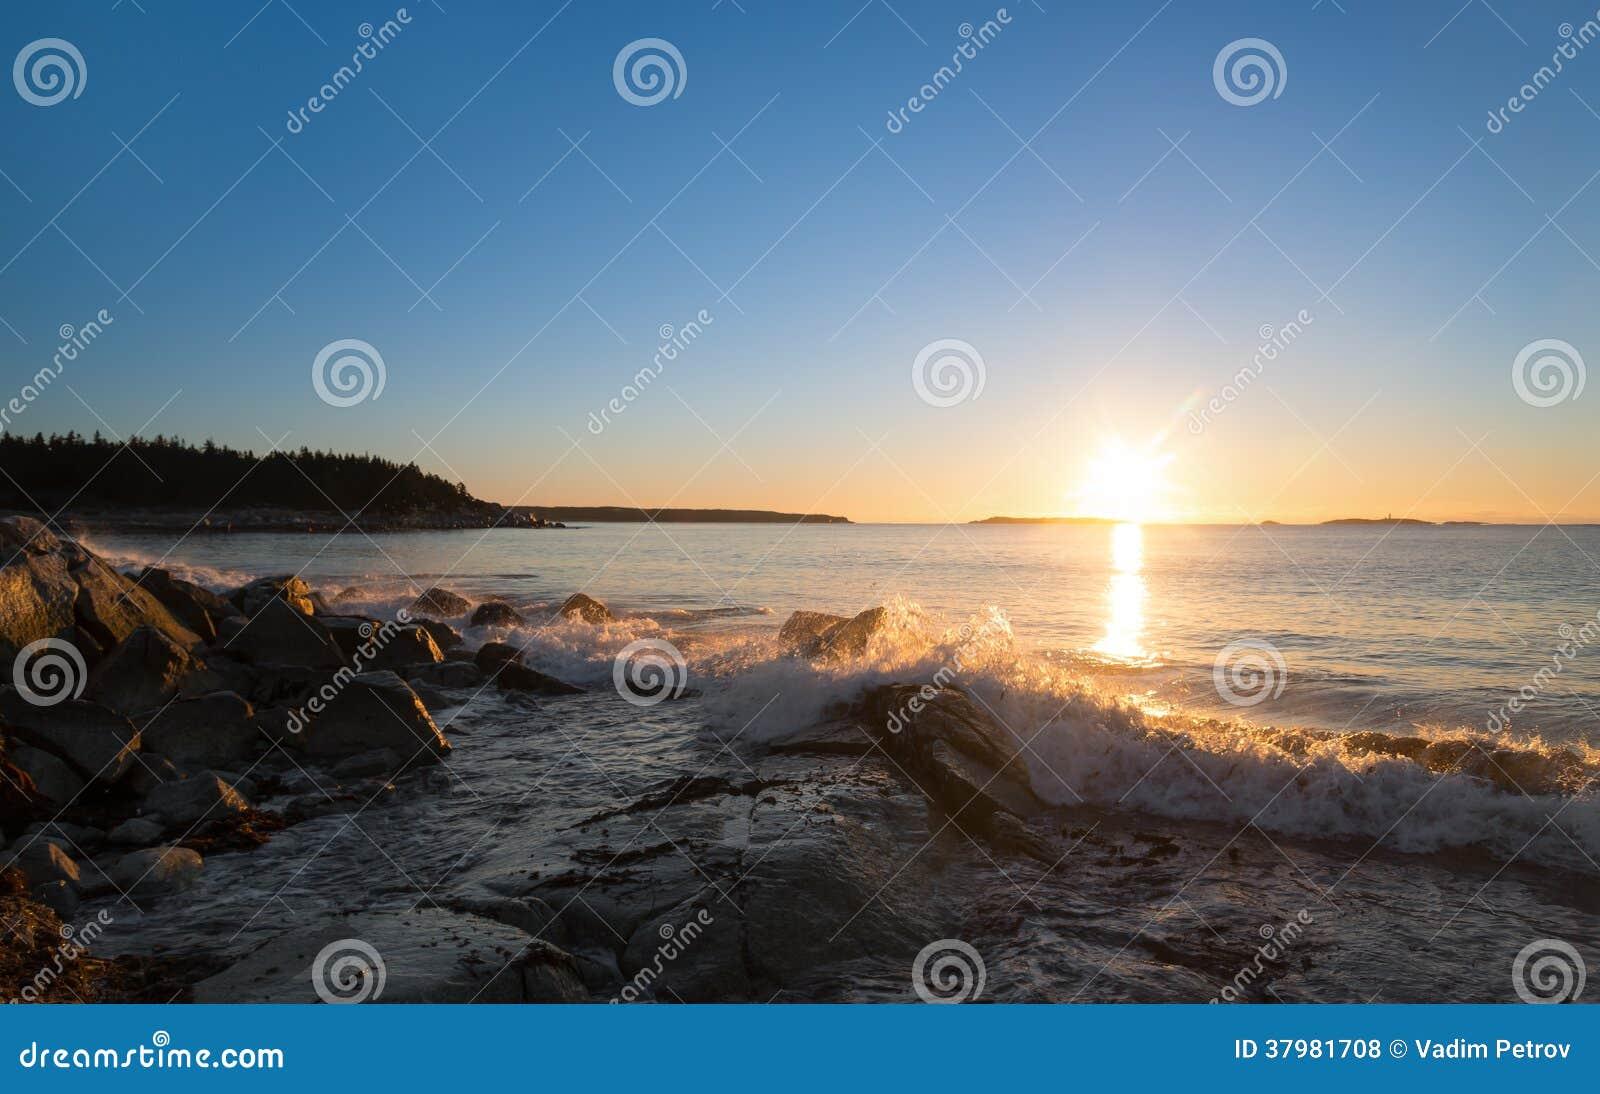 在海洋海滩(水晶新月形海滩,新斯科舍,加拿大)的冬天日出.图片